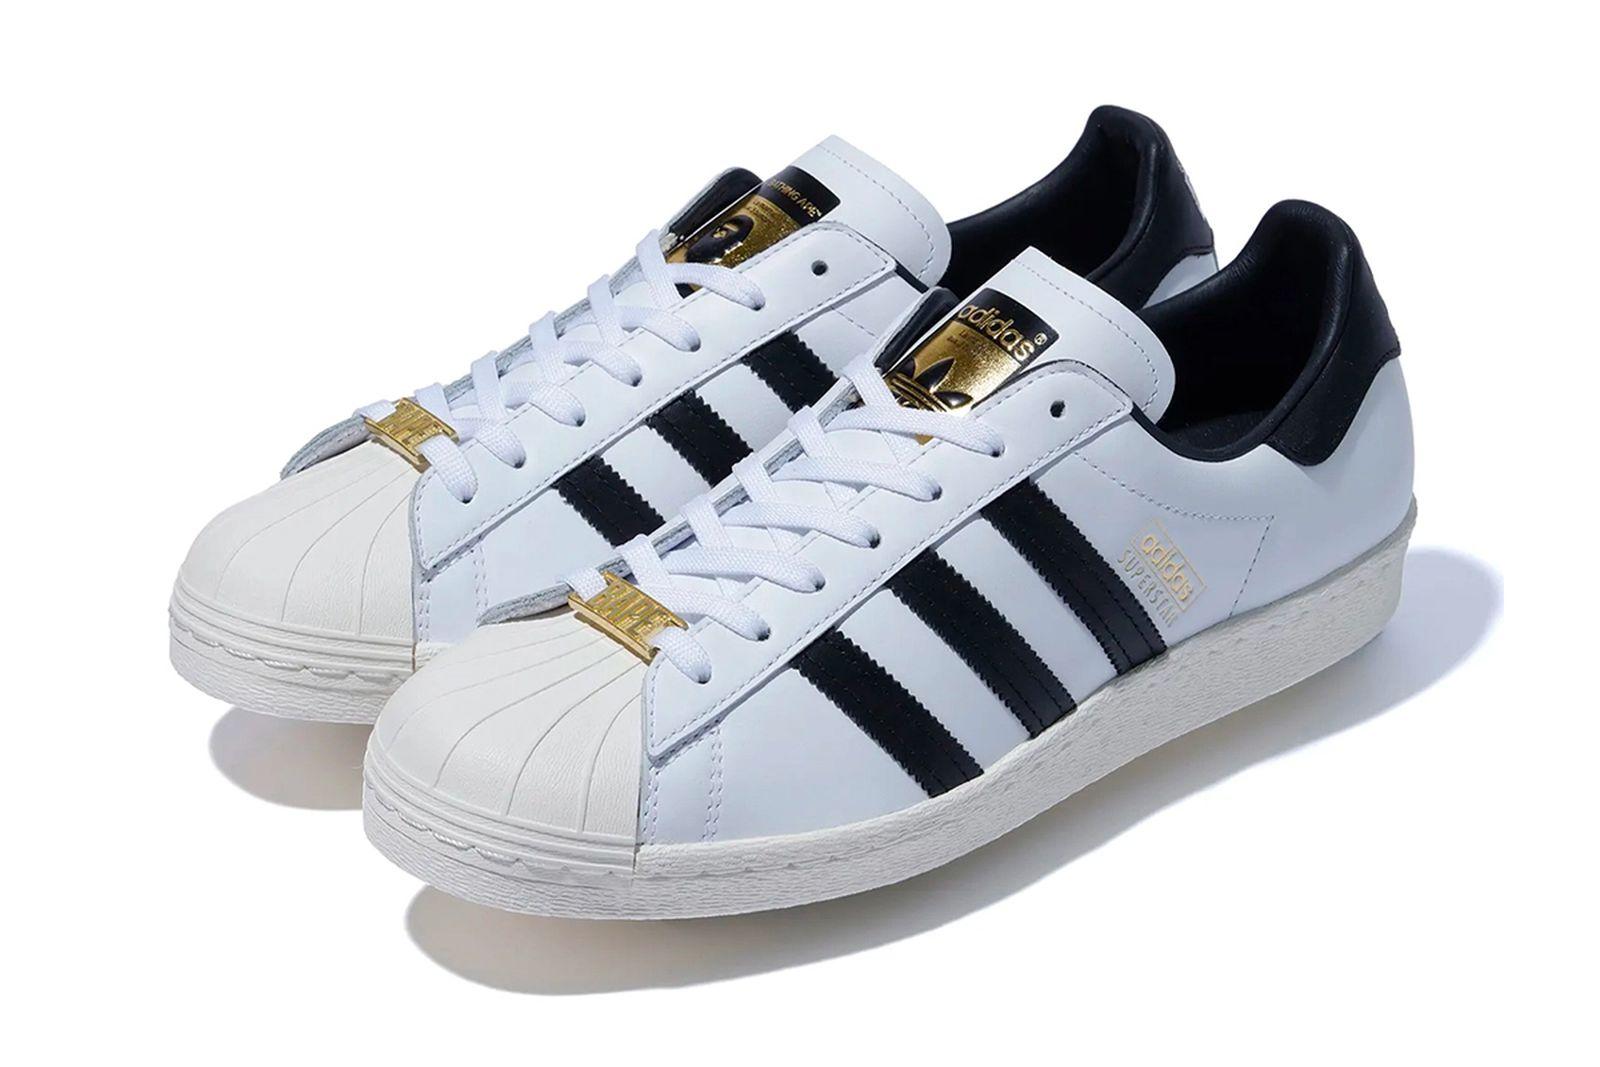 bape-adidas-superstar-2021-release-date-price-01